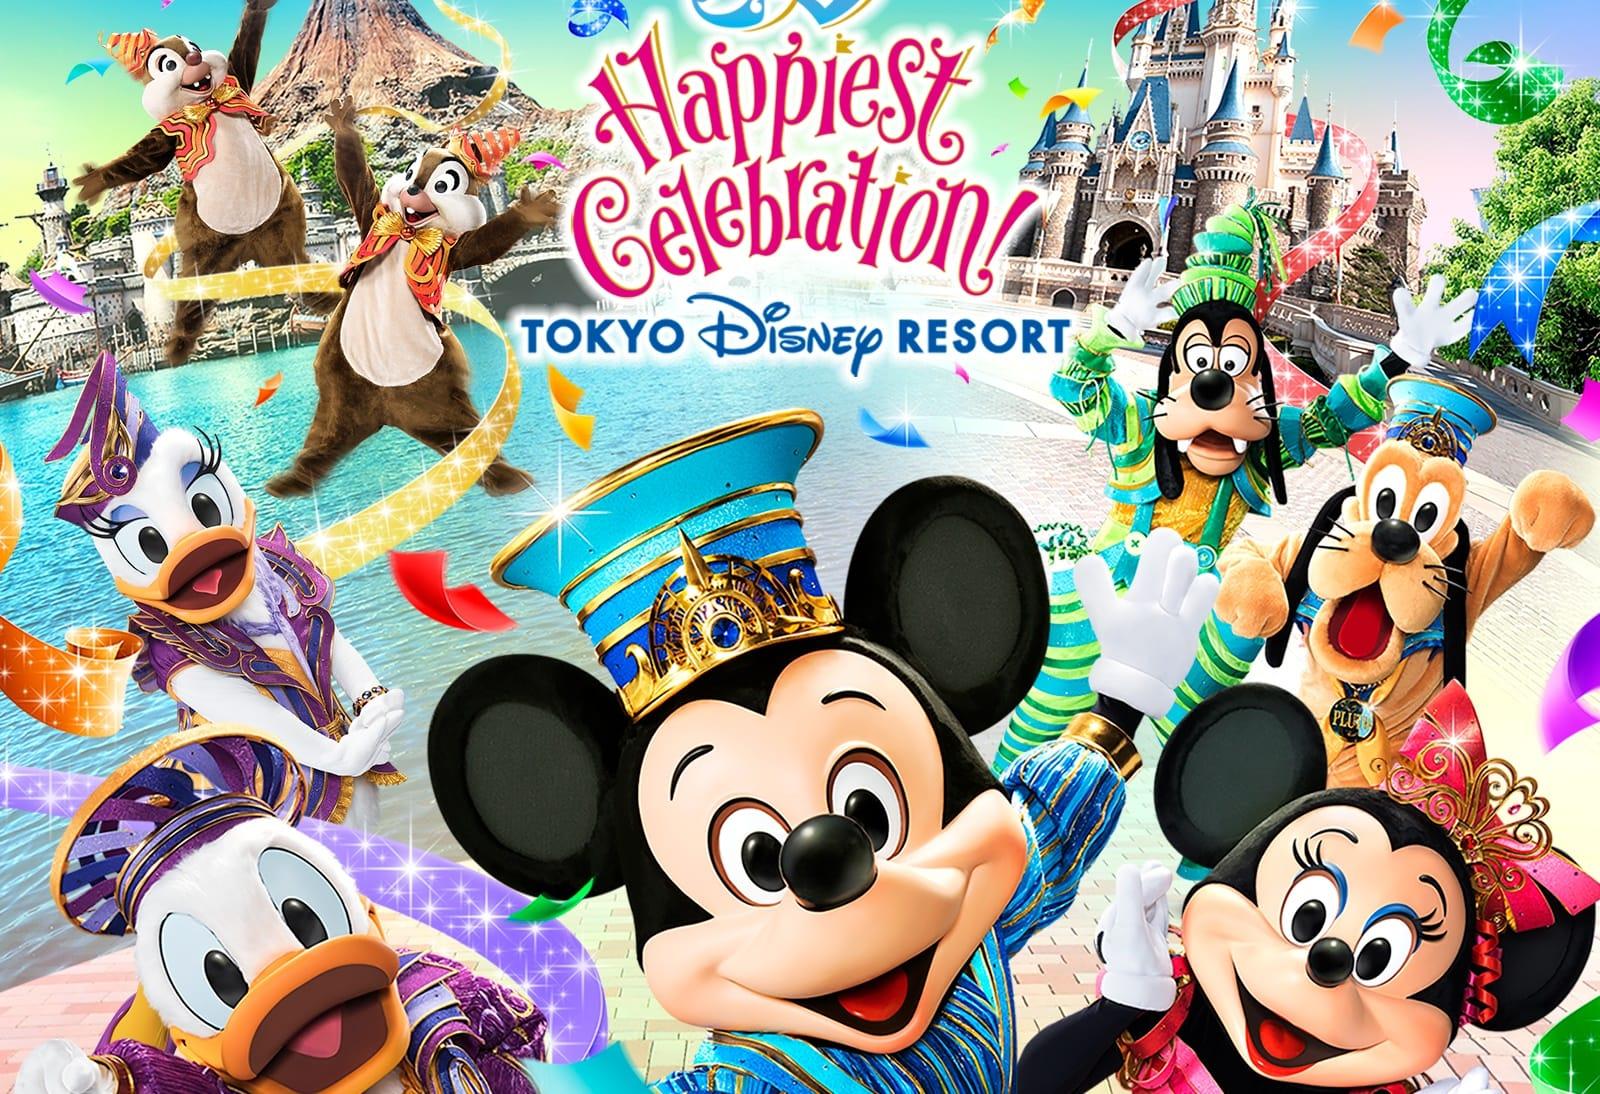 最愛米老鼠跟唐老鴨!「 Happiest Celebration!」賀東京迪士尼度假區35歲!